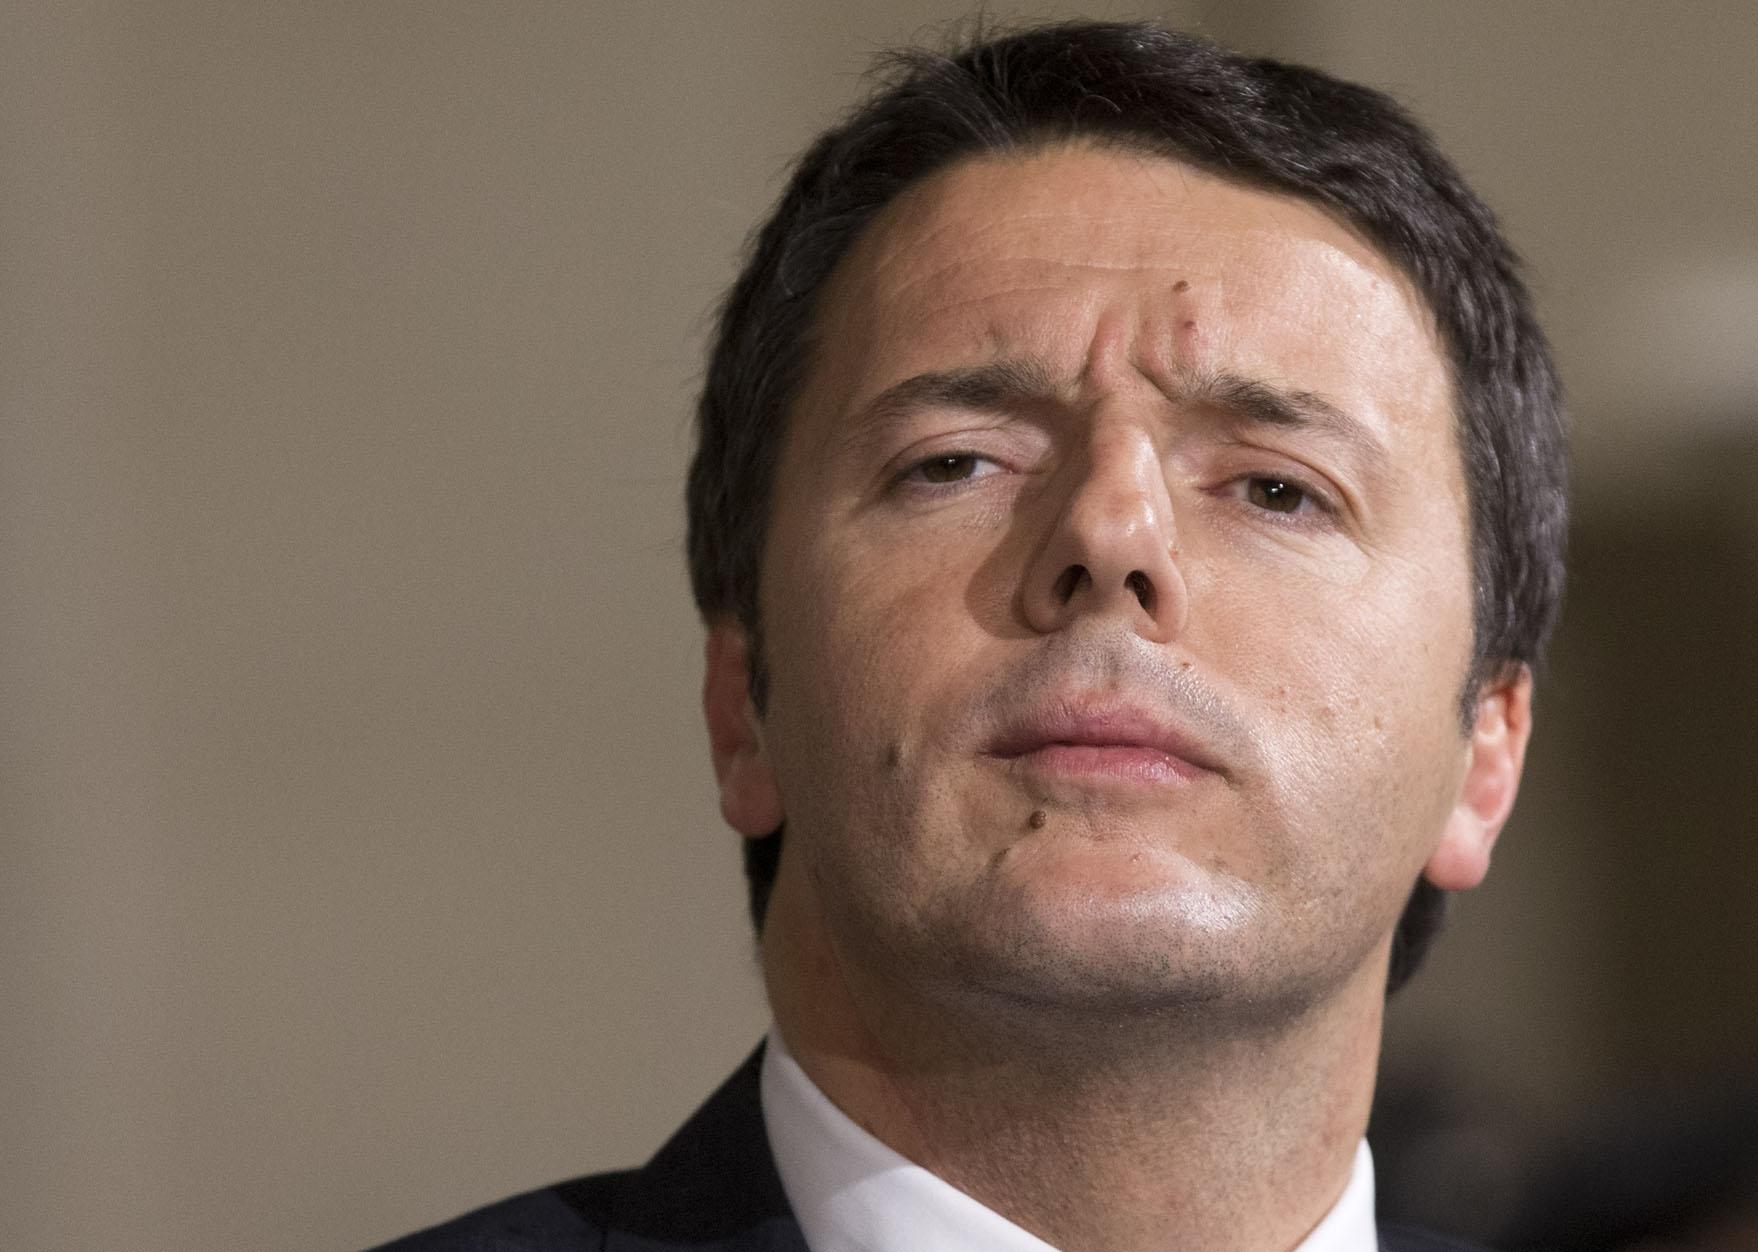 Democrazia Oggi - Renzi continua il suo attacco alla Carta. Prepariamoci ad altre dure battaglie